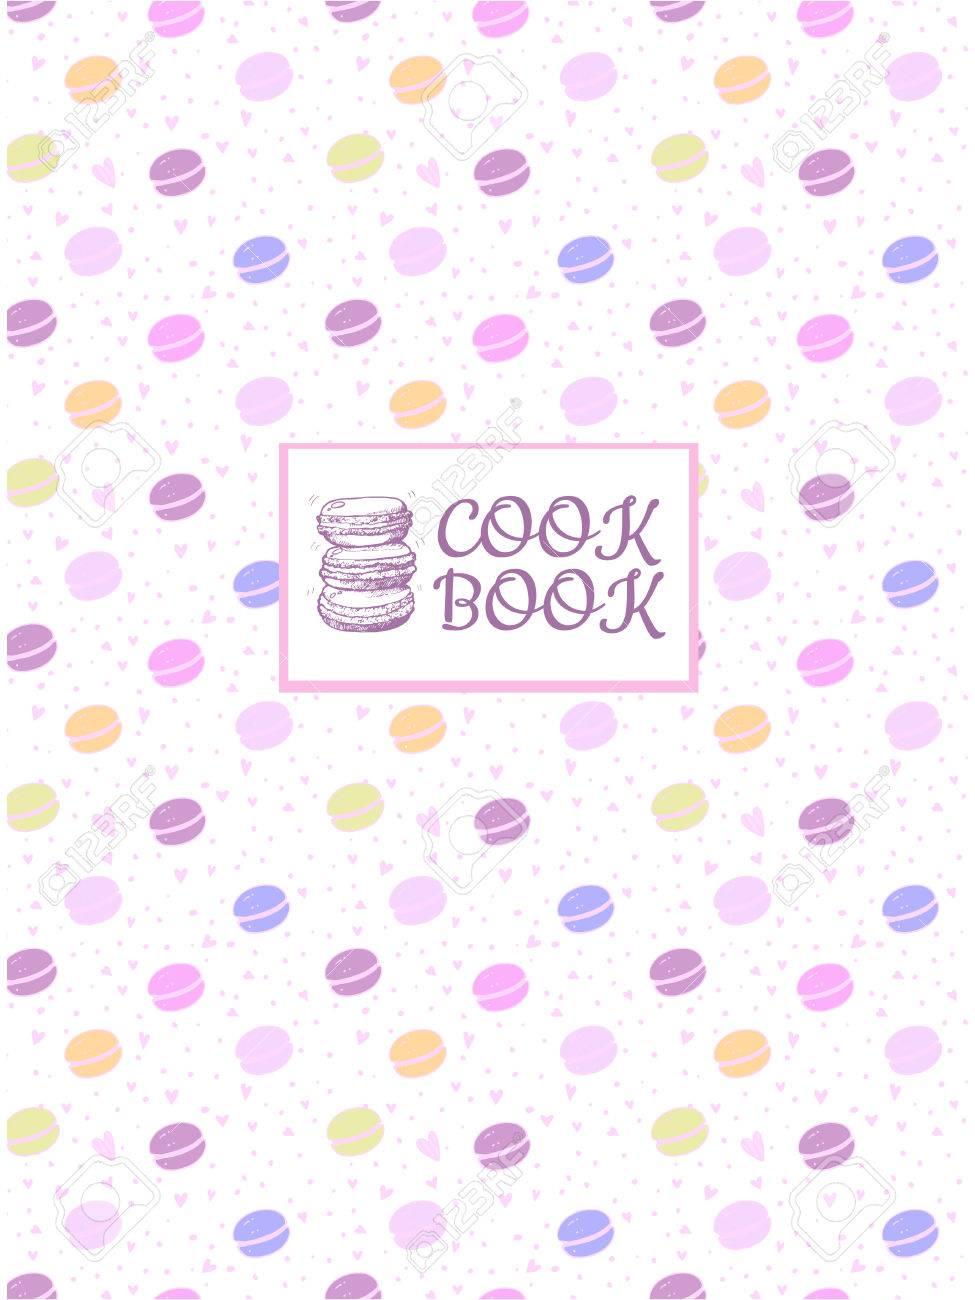 料理の本のための美しいデザイン。区切り記号またはペーストのレシピ本。料理のページです。繊細な色のマカロンがいくつか。レシピ表紙、カード